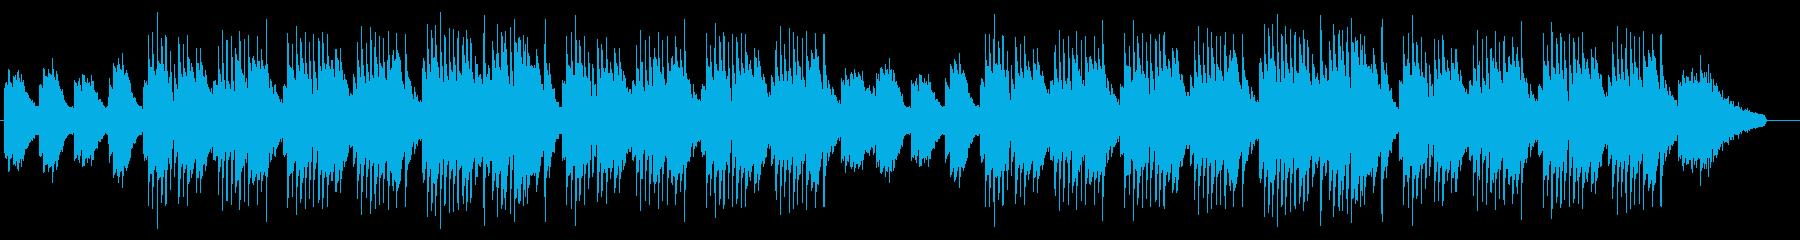 日本の侘び寂びを感じさせるピアノと琴の曲の再生済みの波形